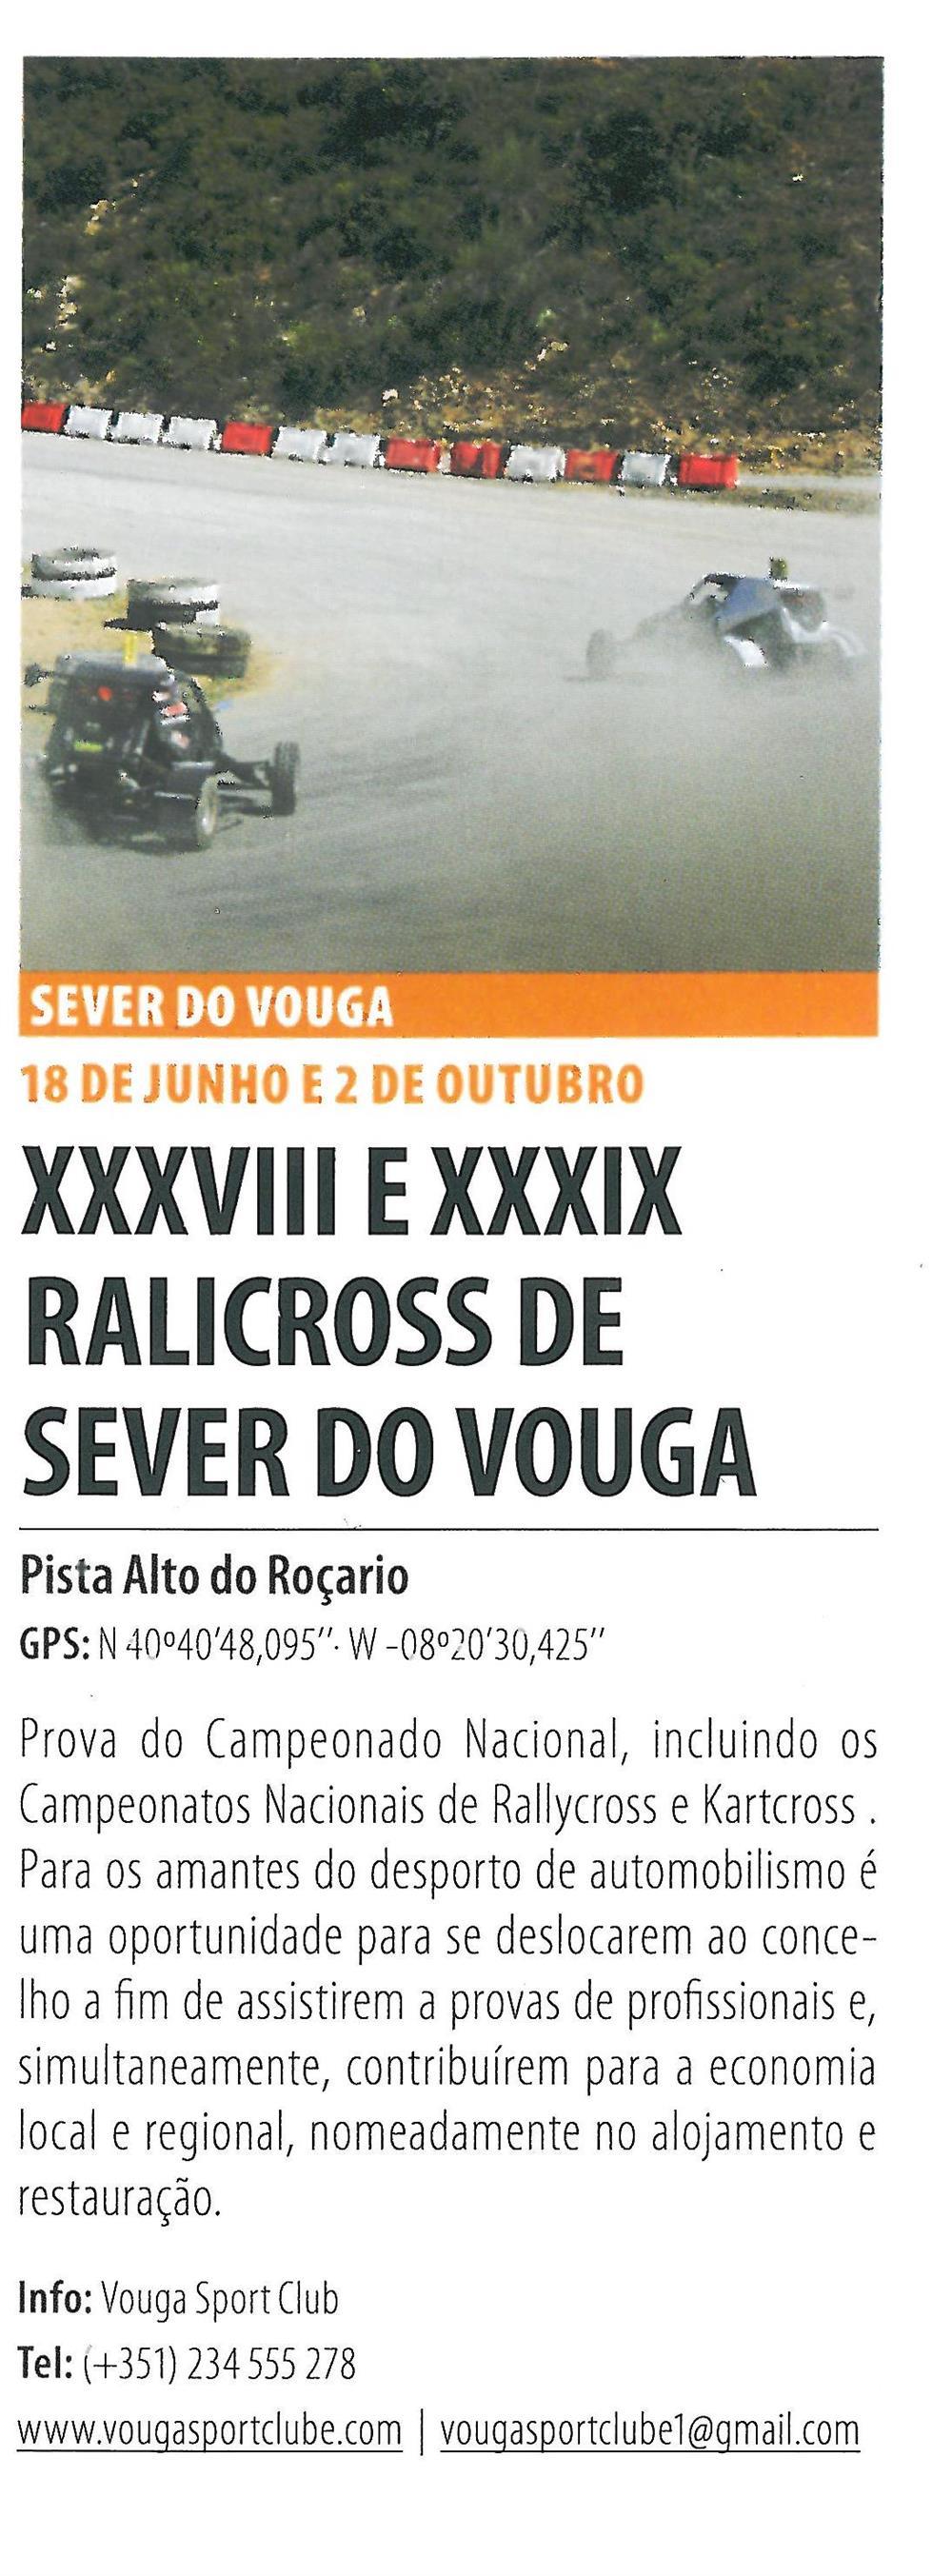 RA-Agenda-mar.'16-p.5-XXXVIII e XXXIX Ralicross de Sever do Vouga : Pista Alto do Roçario.jpg